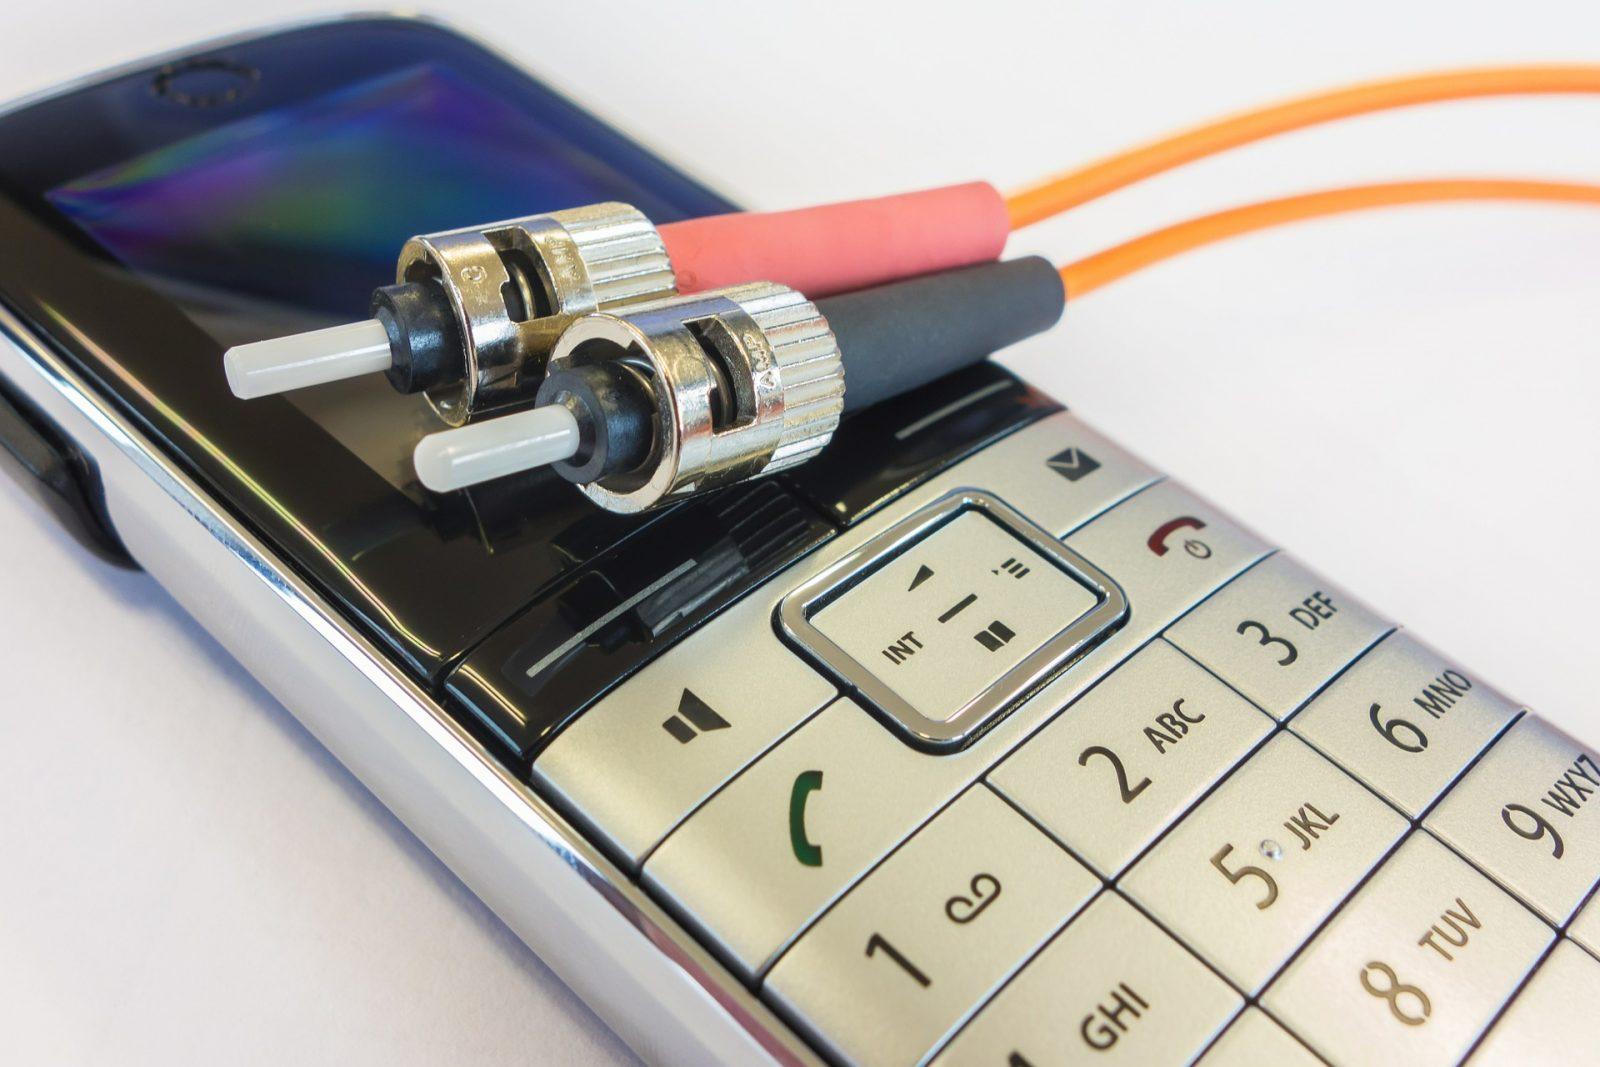 Panne cellulaire et internet à Havre-Saint-Pierre